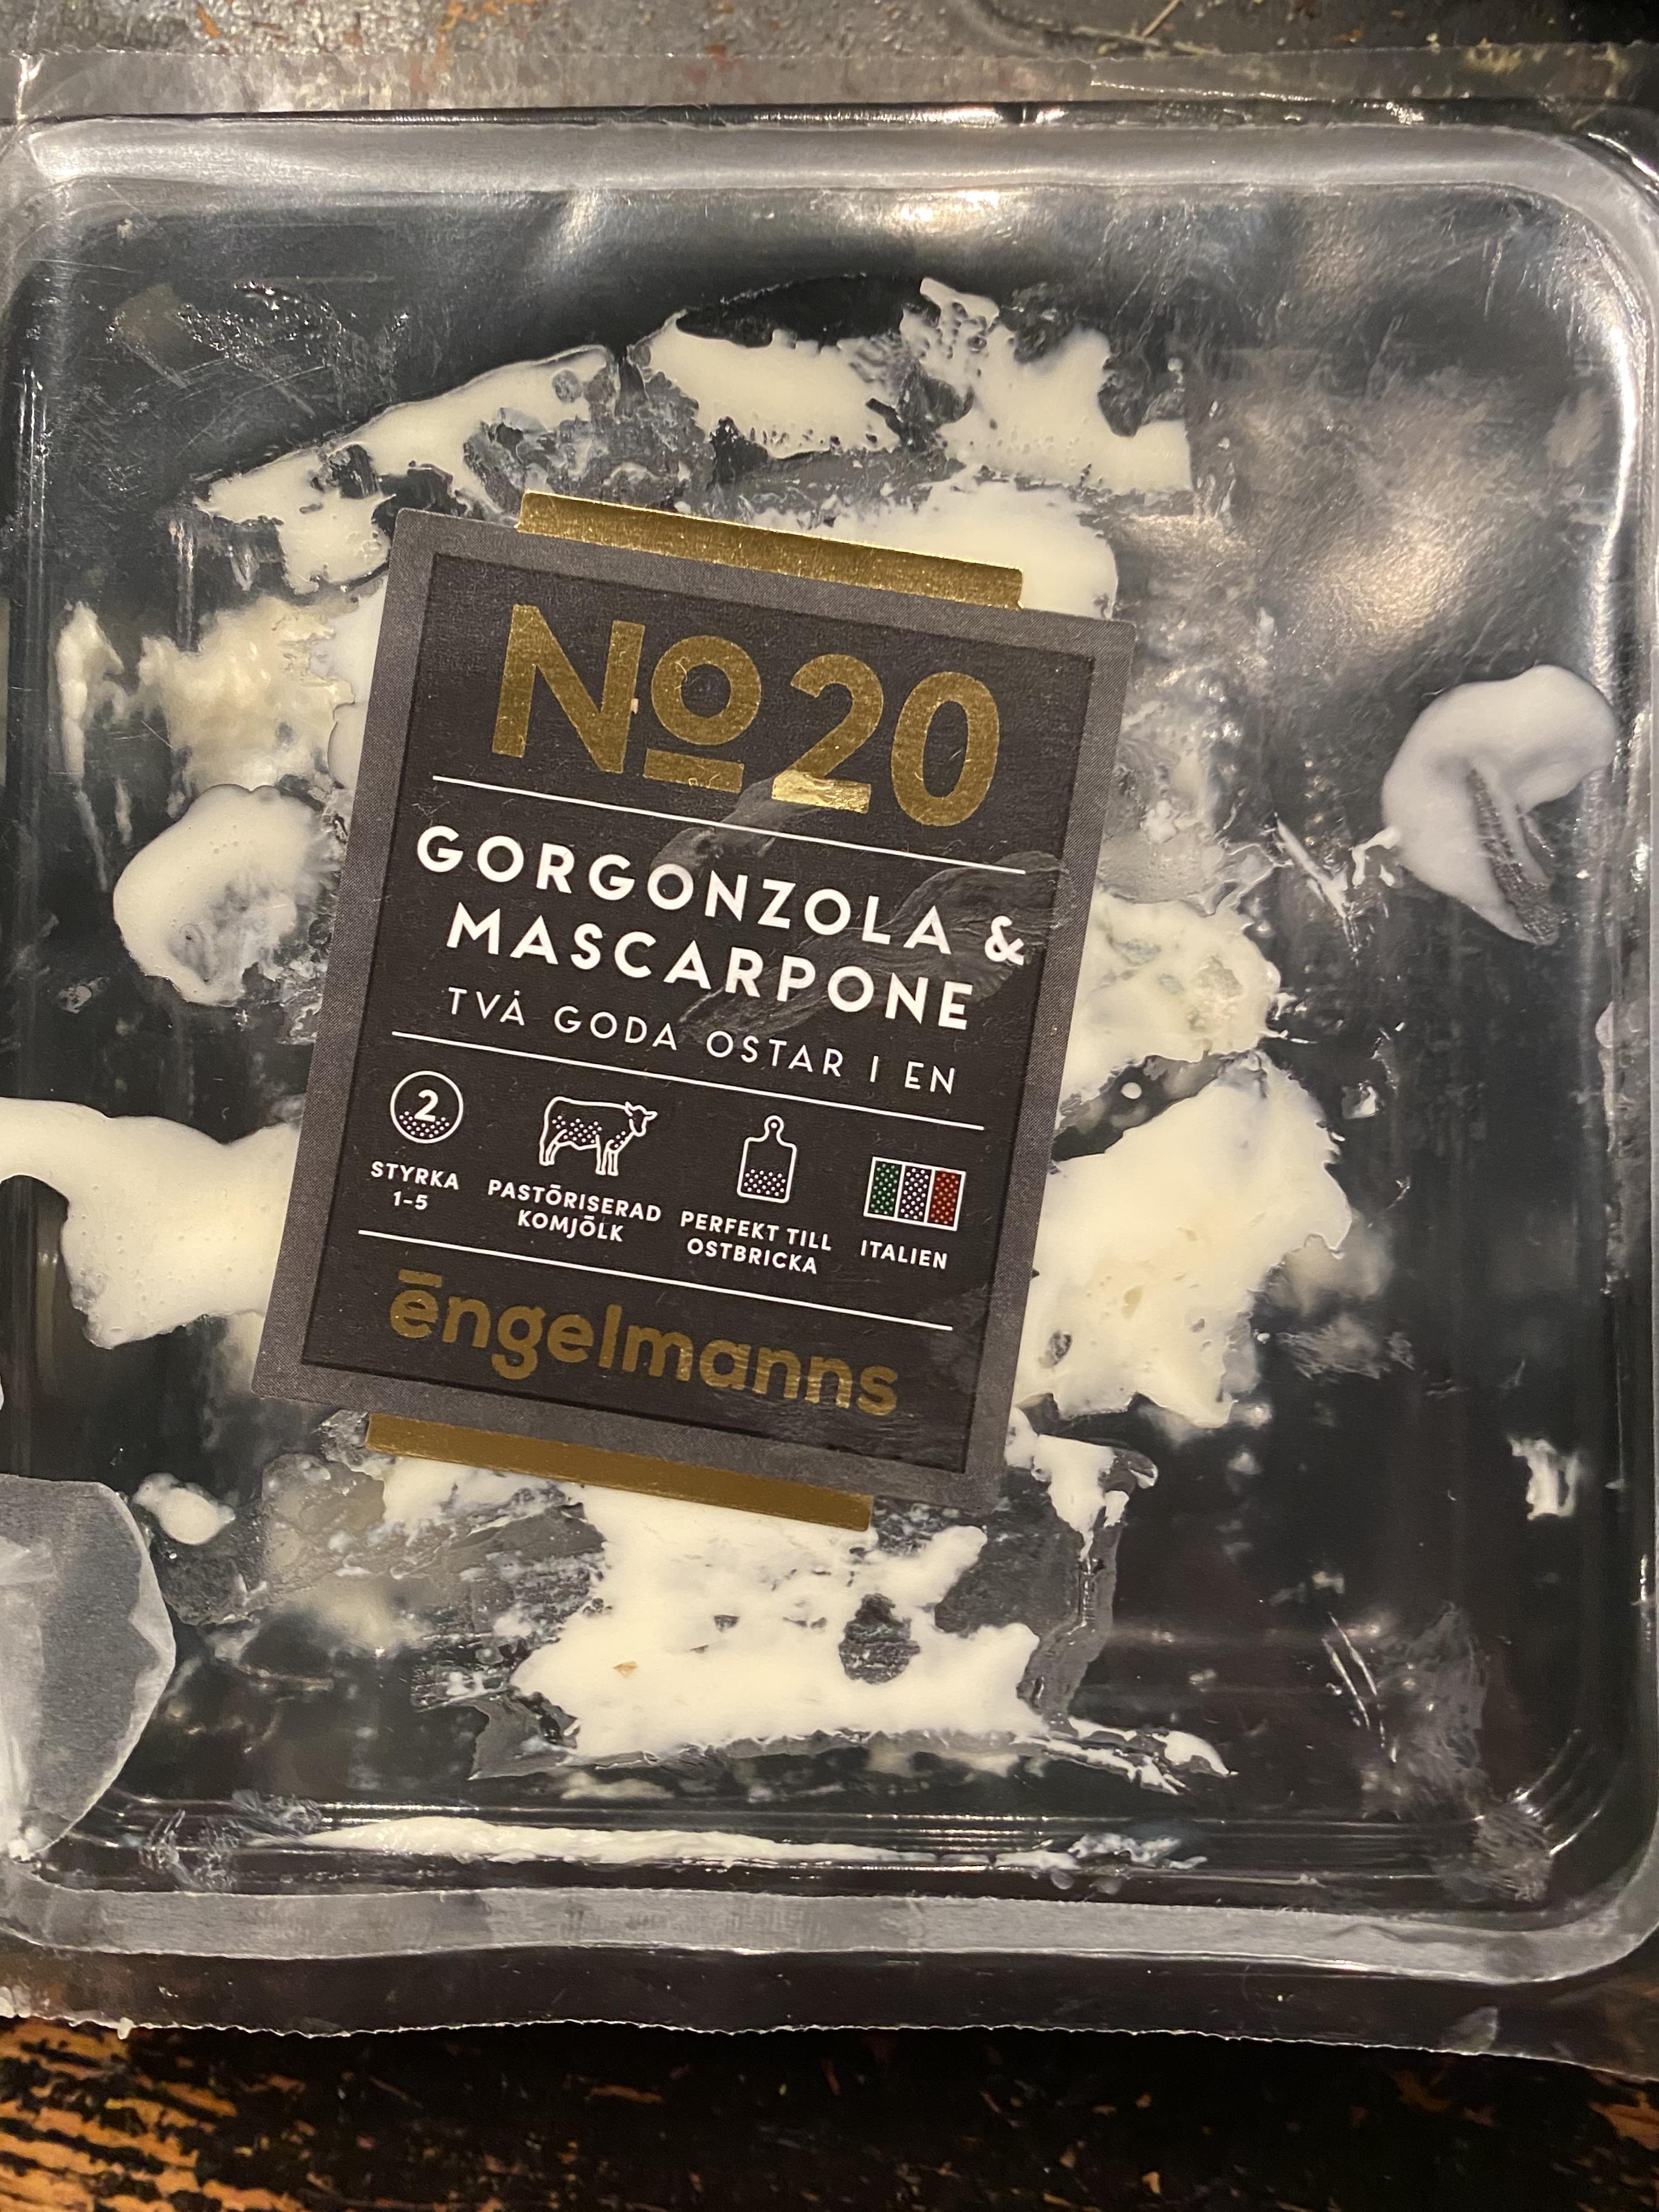 Gorgonzola & Mascarpone